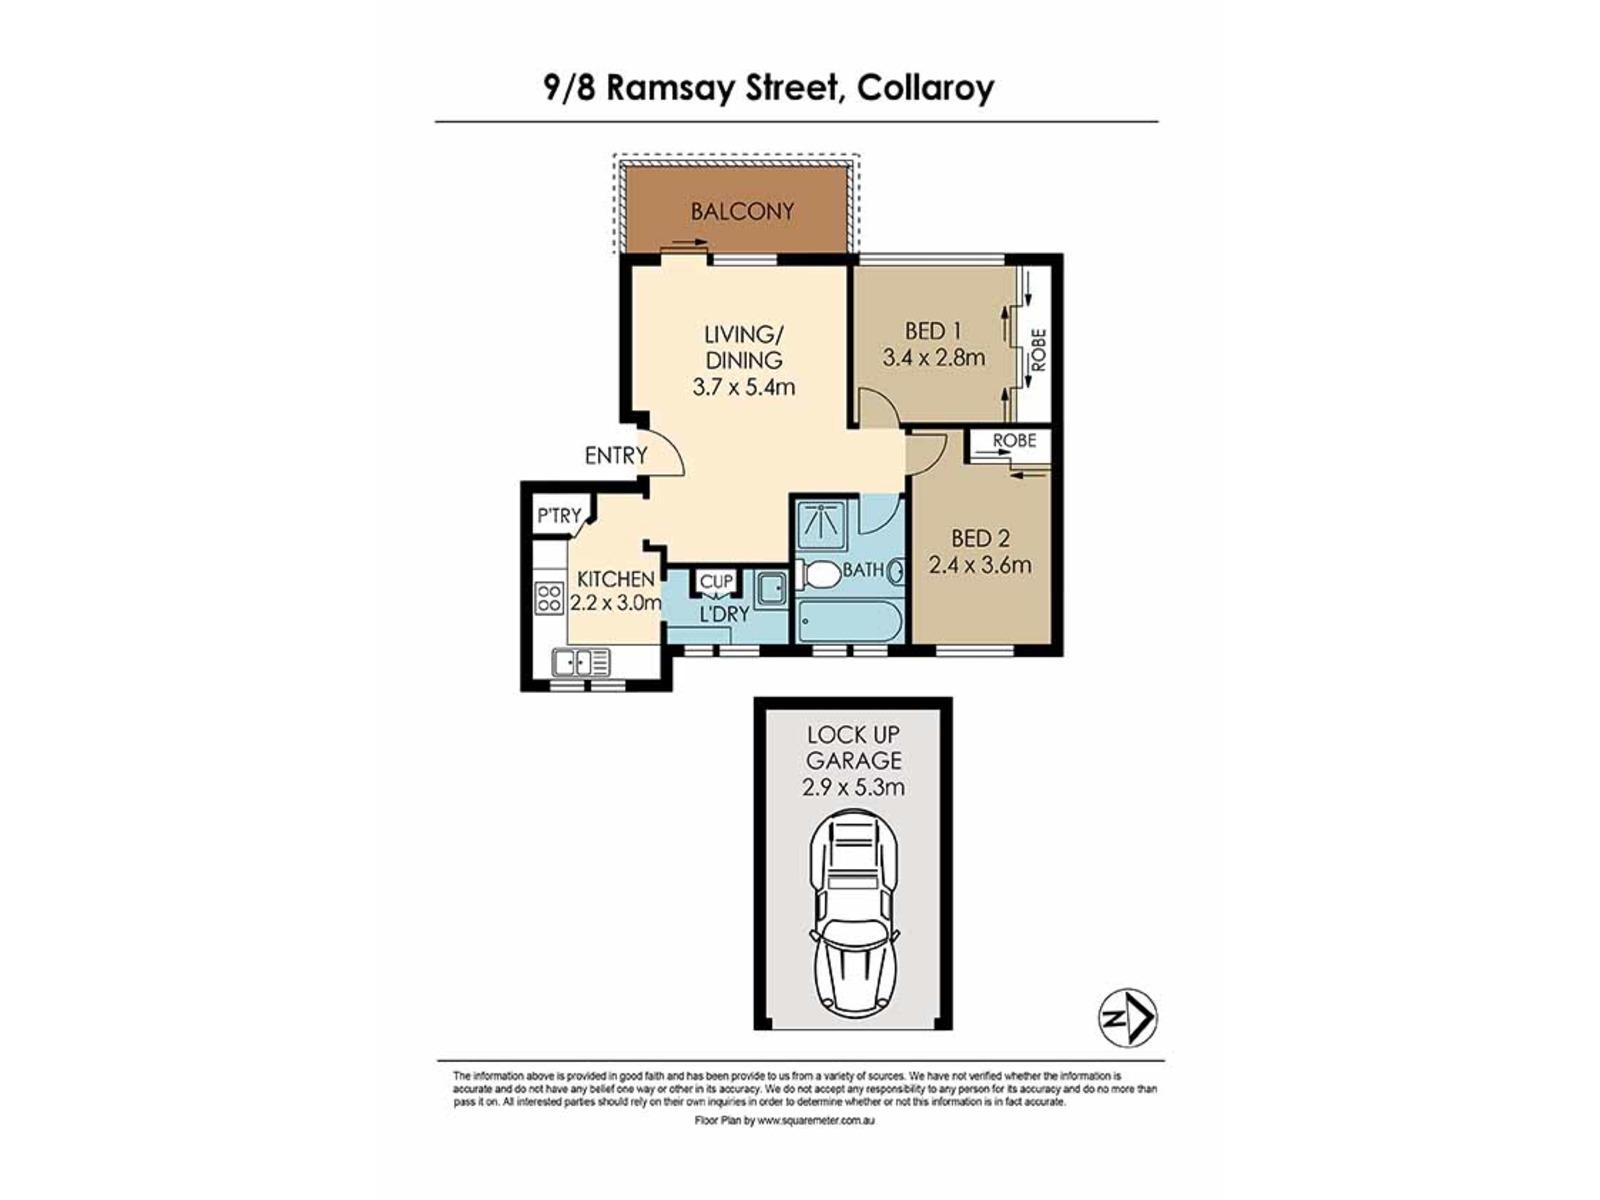 9 / 8 Ramsay Street, Collaroy